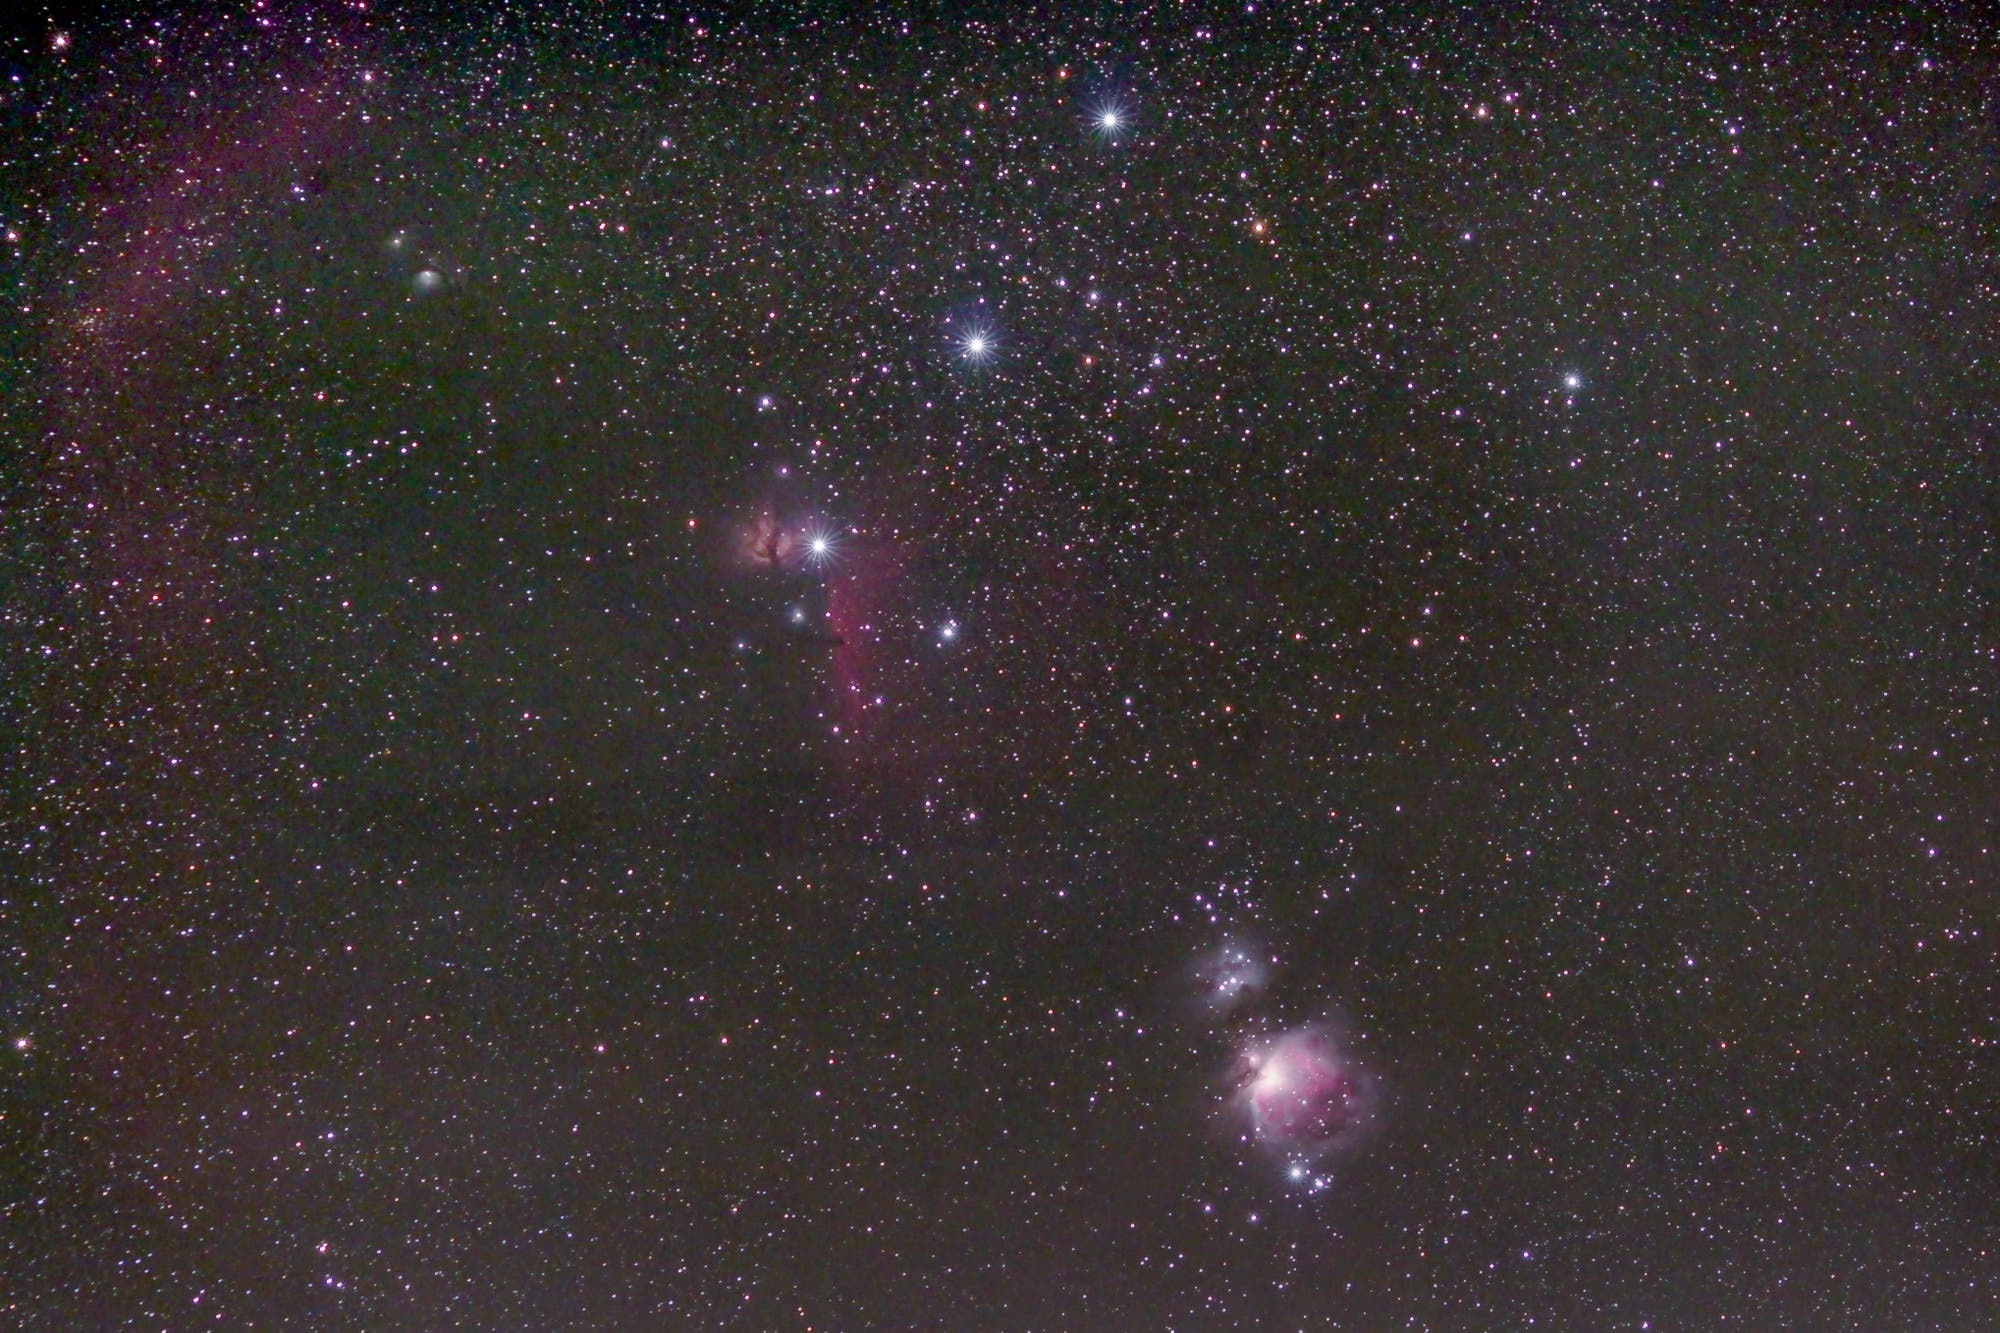 Gürtel und Schwert des Orion